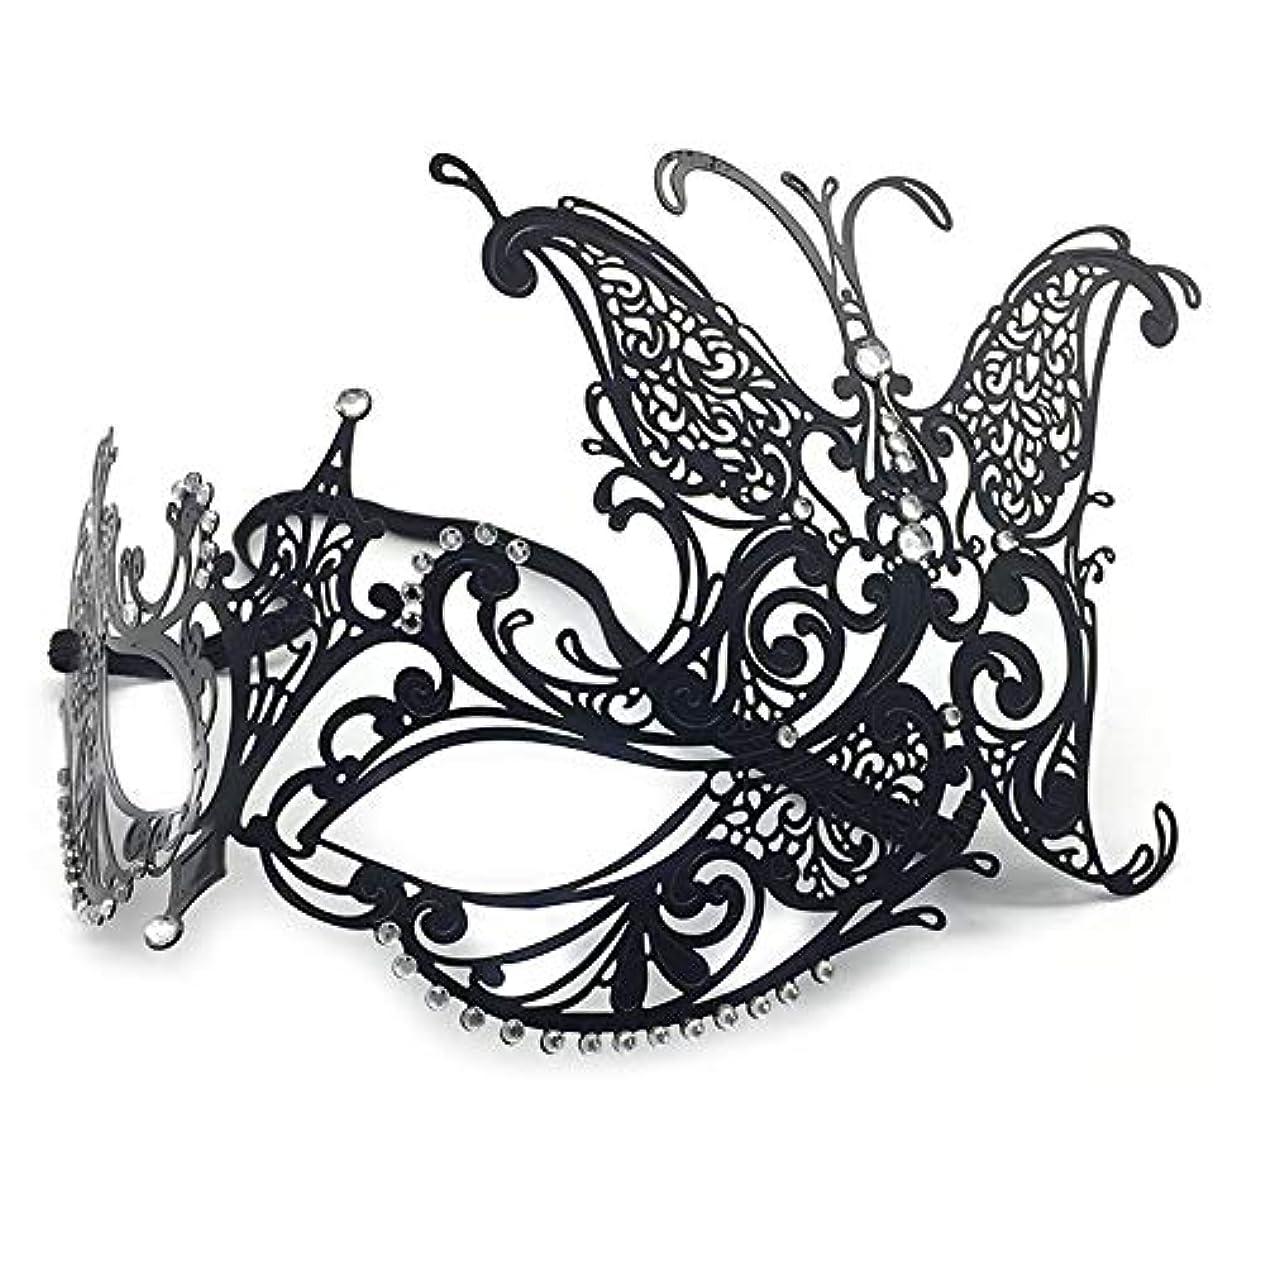 外交問題前セージハロウィーンのお祝いヴェネツィア仮装ハーフフェイスレディメタルダイヤモンドバタフライアイアンマスクパーティー